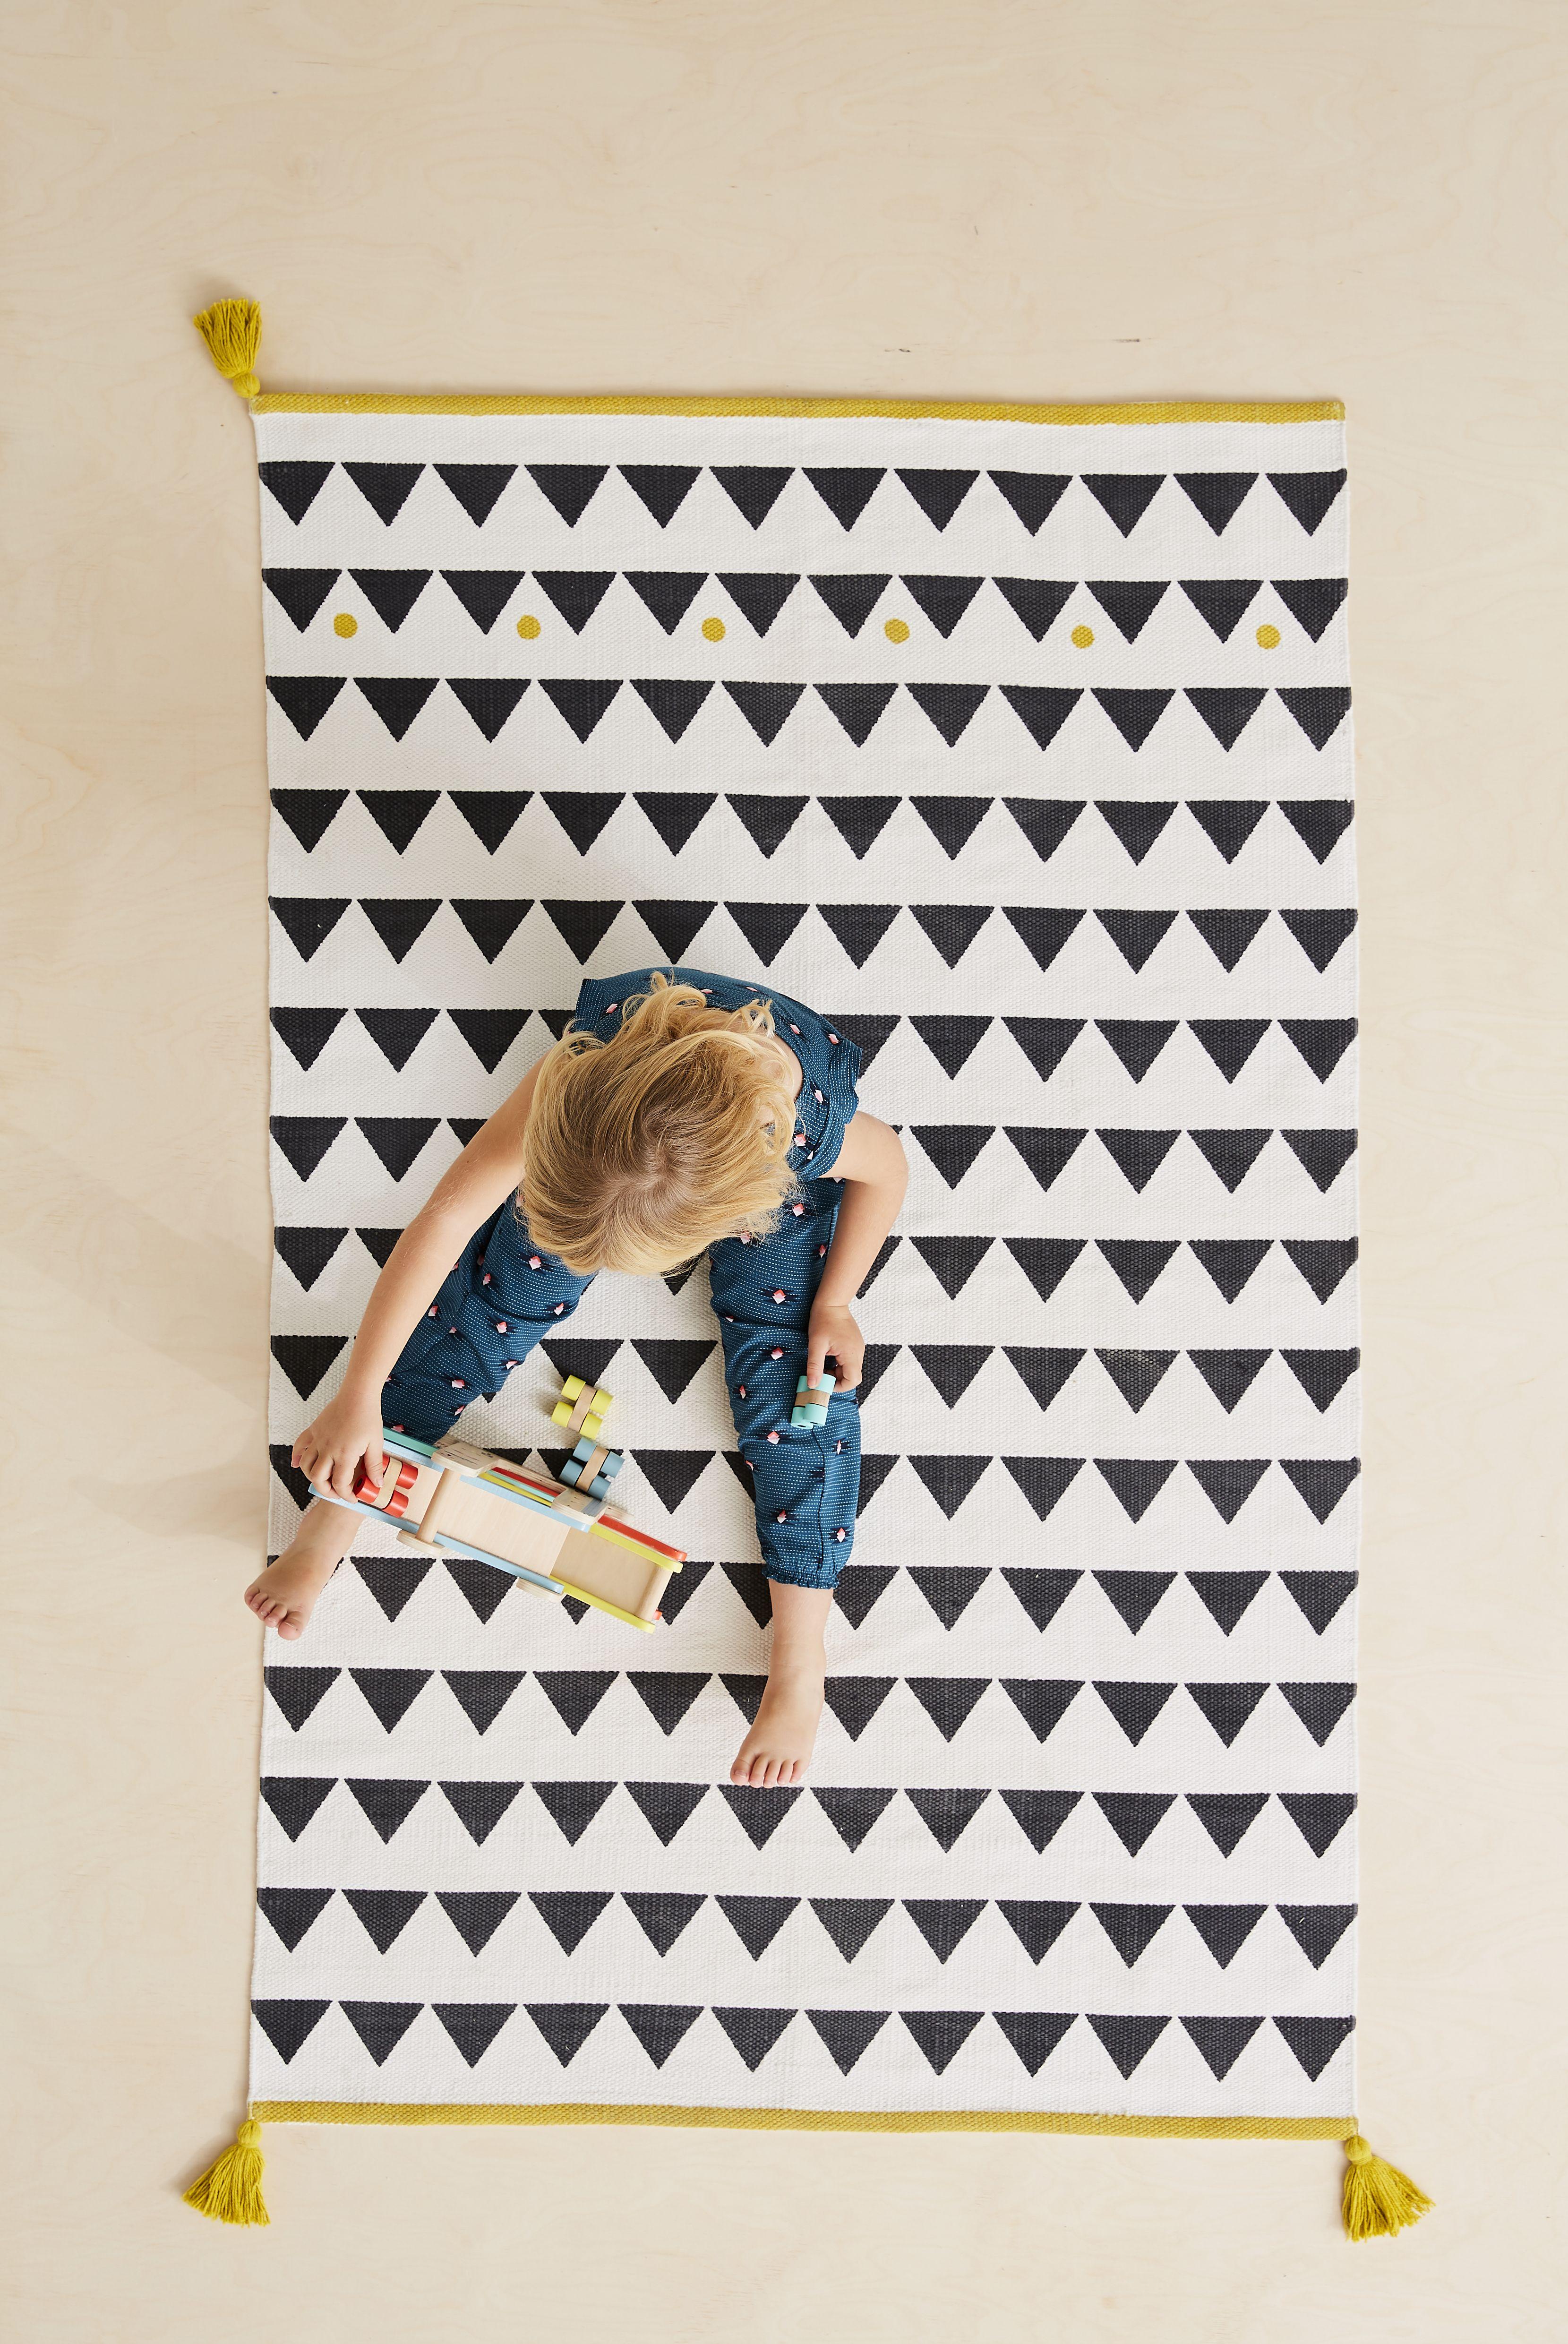 Tapis A Pompons Et Triangles Atlas Noir Et Blanc Vertbaudet Tapis Chambre Bebe Tapis Chambre Enfant Tapis